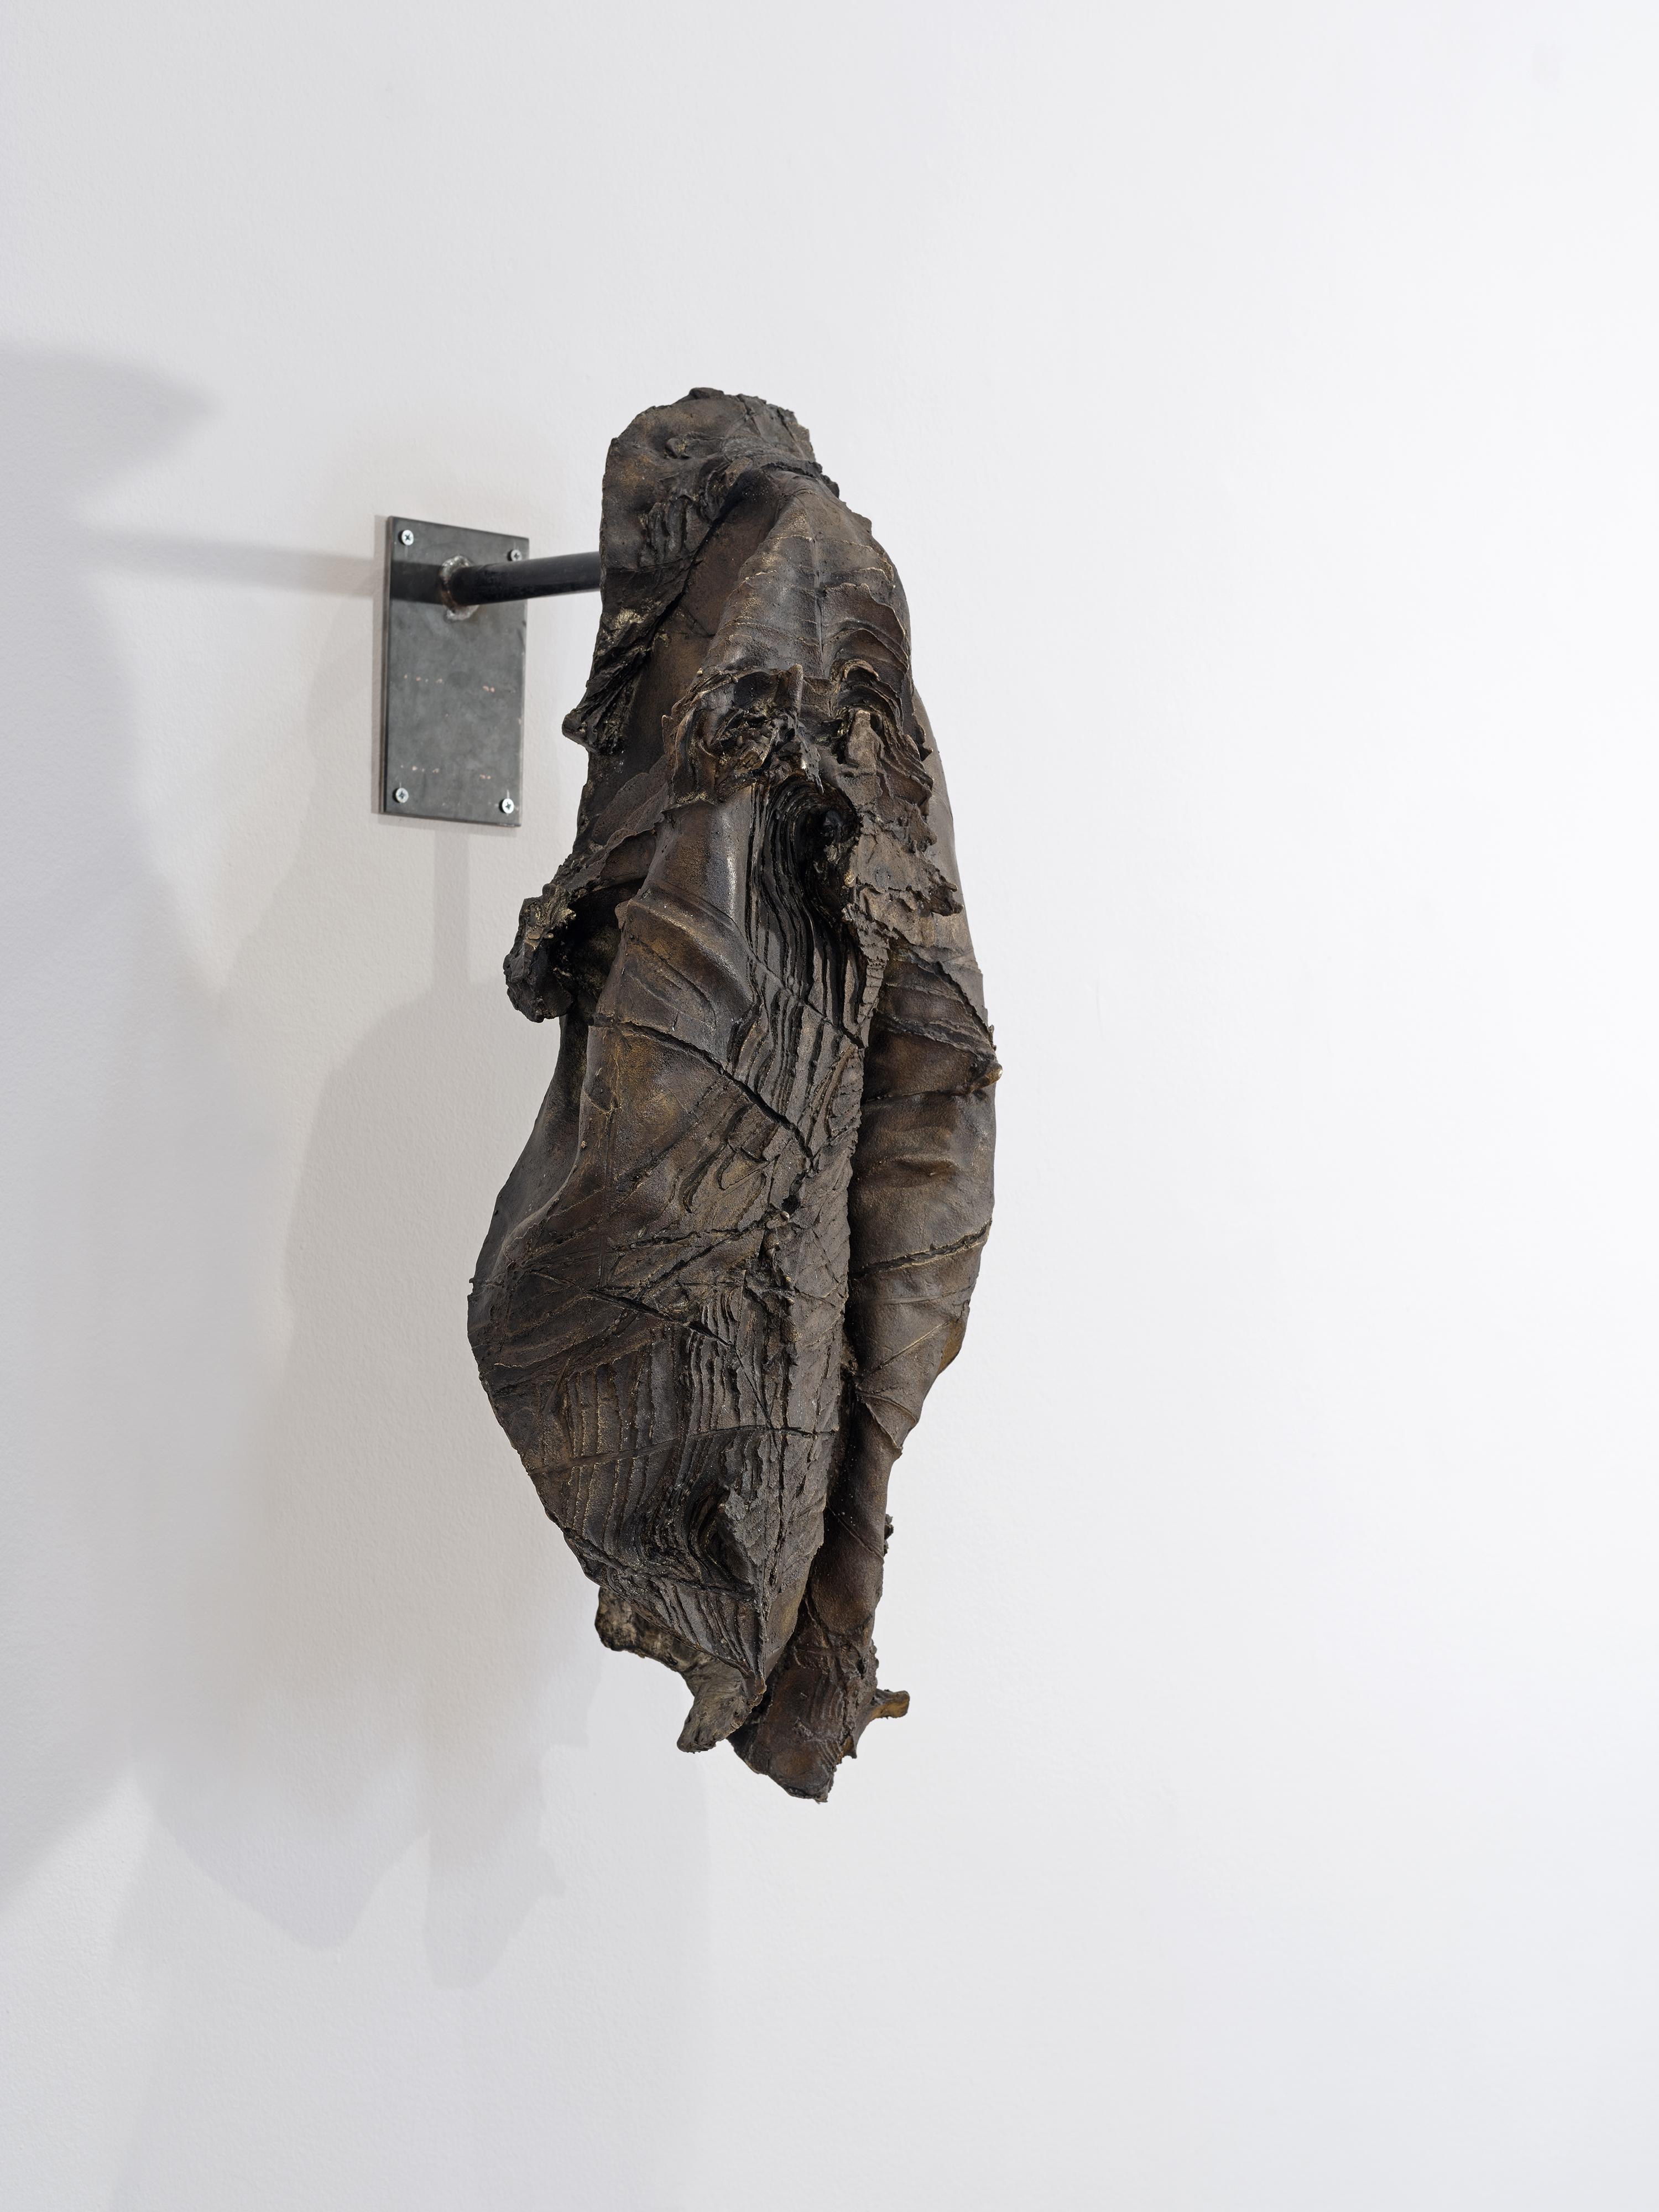 Κώστας Σαχπάζης, Digging the coat, 2016 Μπρούντζος, σίδηρος 90 x 50 x 45 εκ.